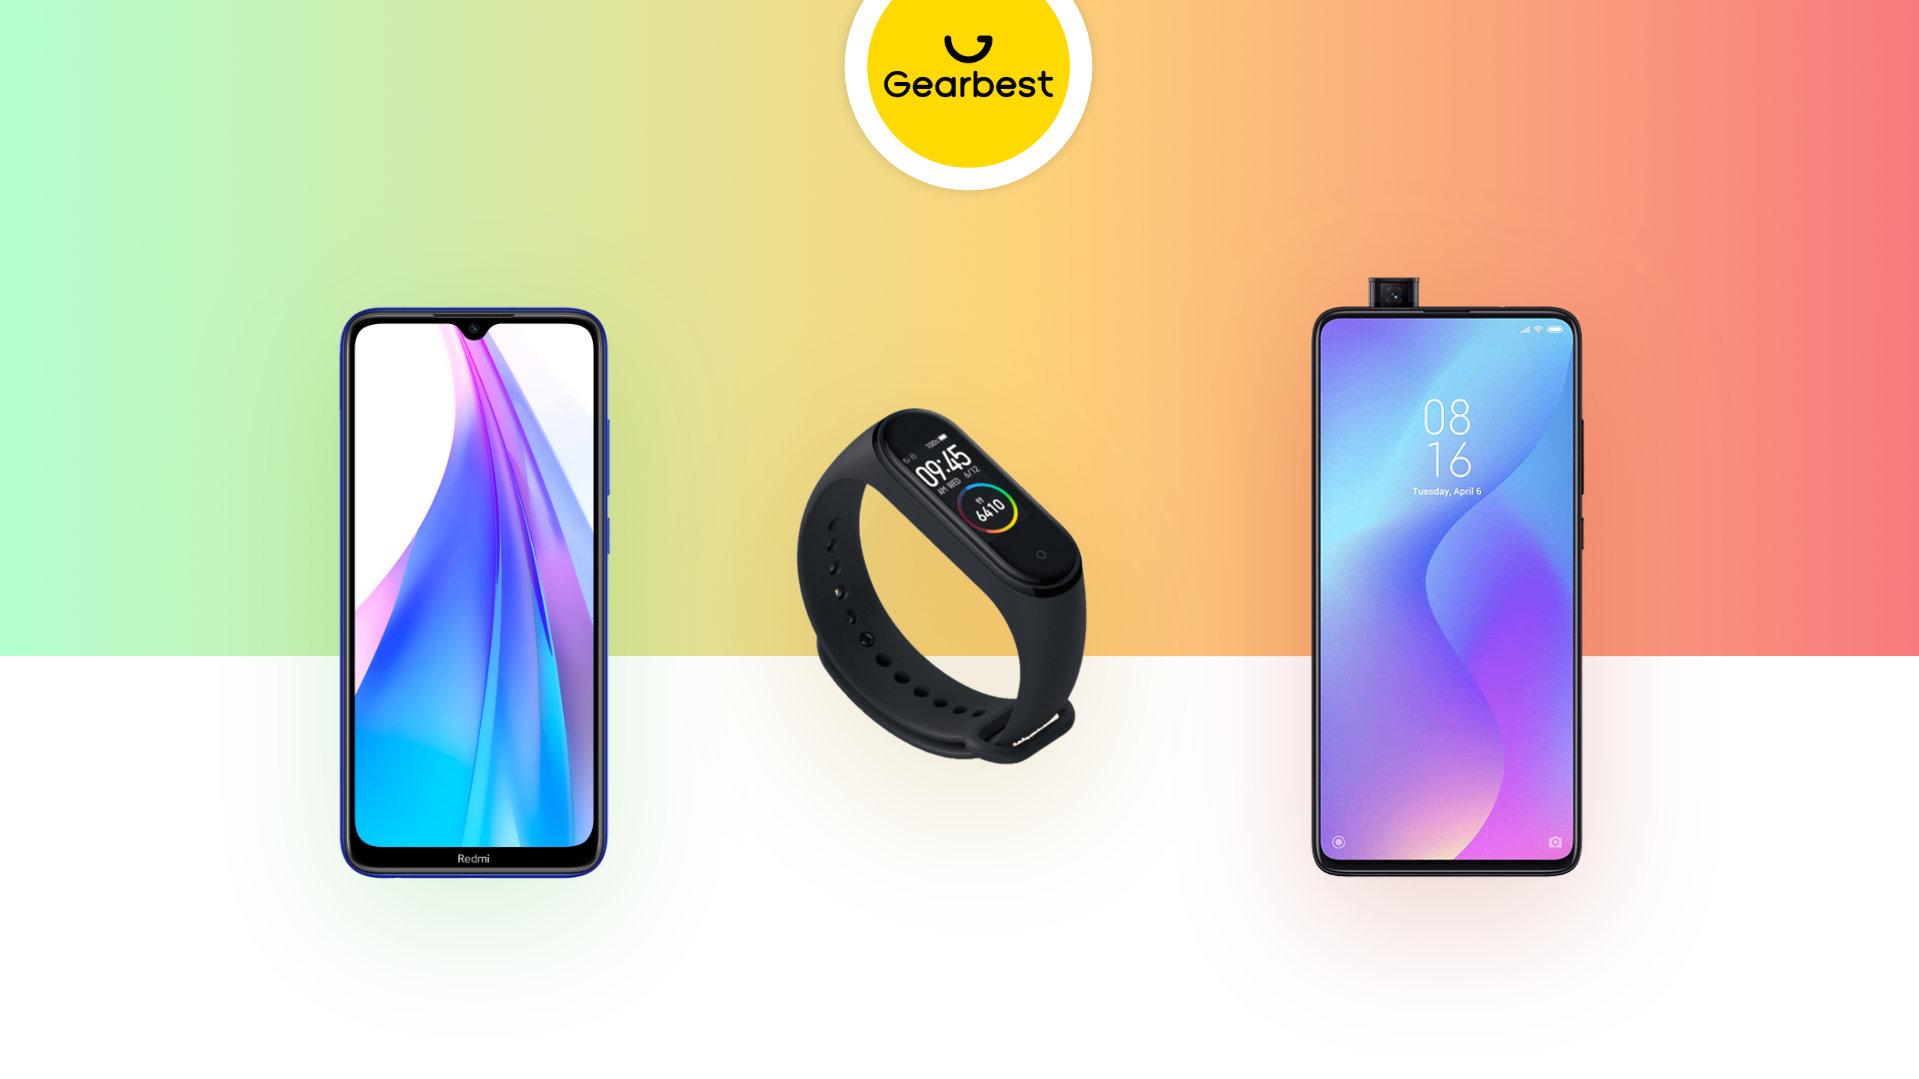 Redmi Note 8 à 129 euros, Xiaomi Mi Band 4 à 25 euros et Redmi AirDots à 17 euros